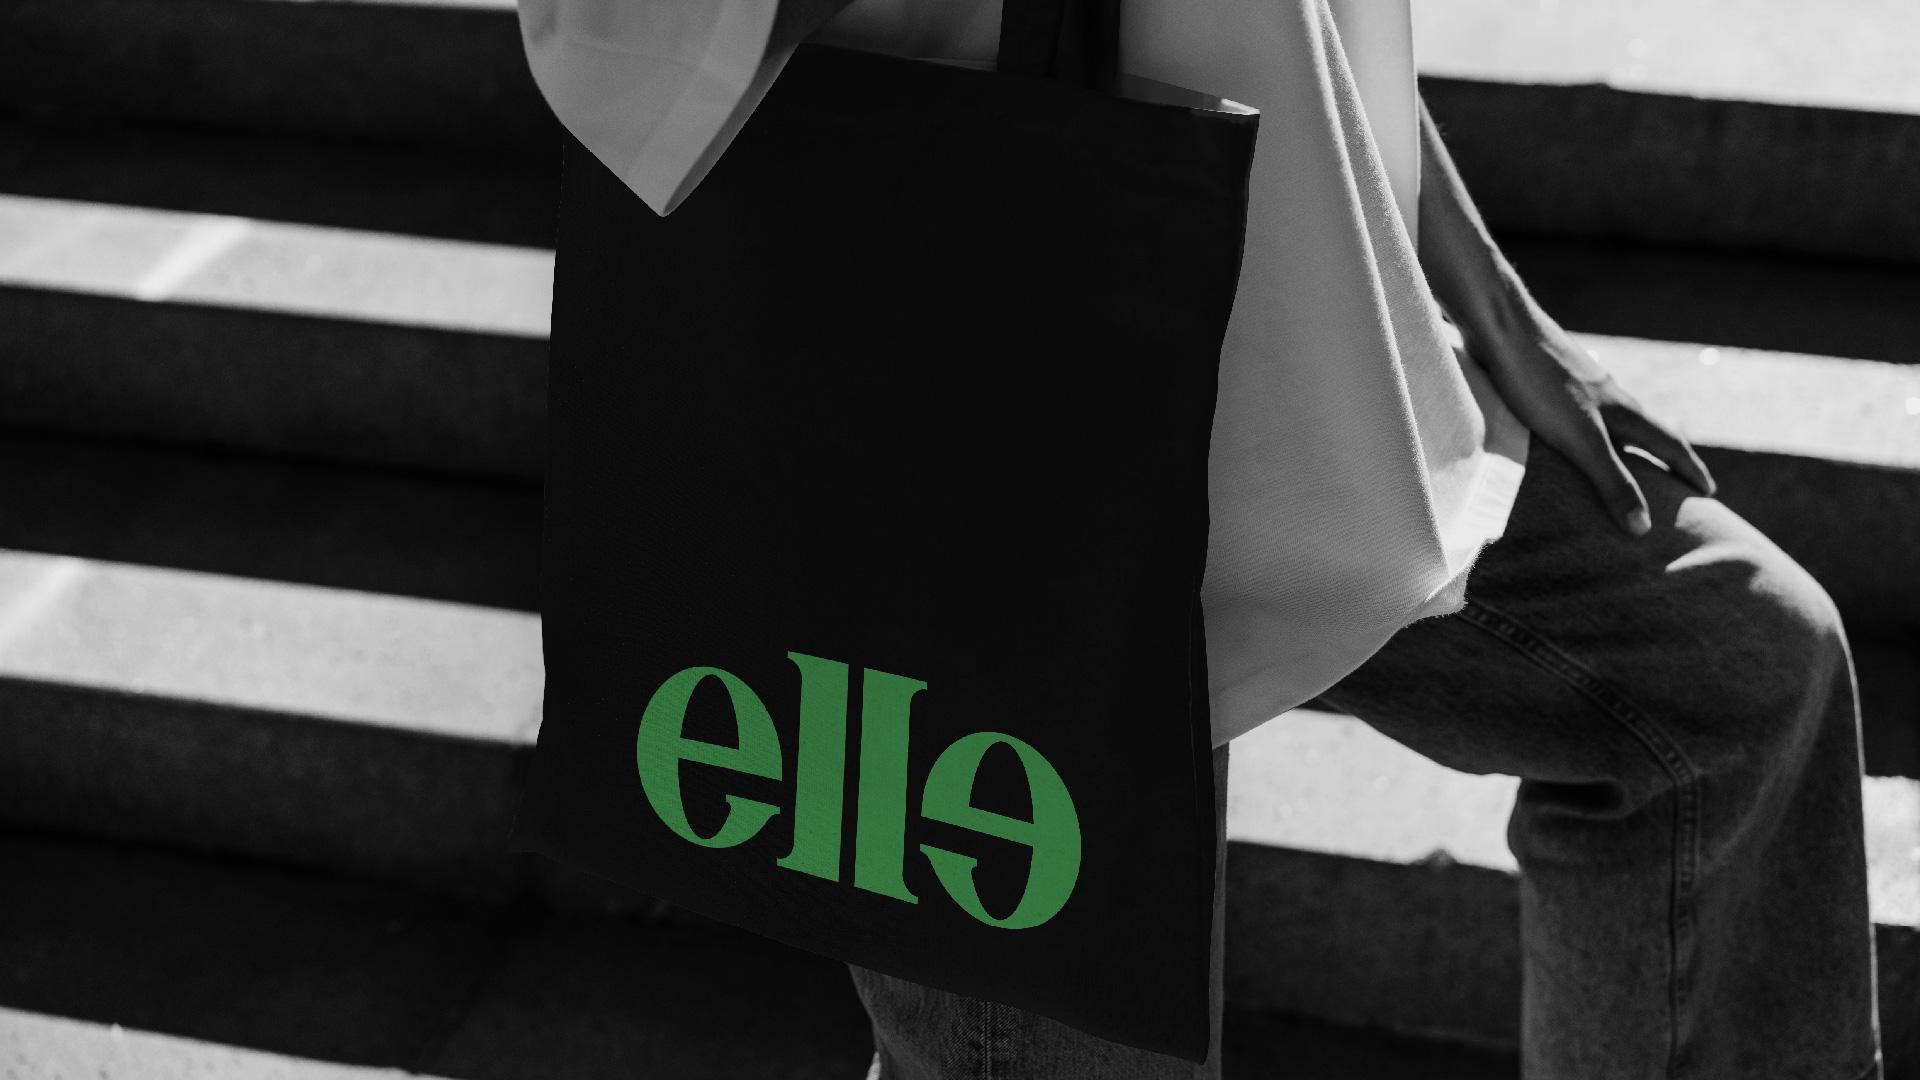 Khalid El Wakiel Creates Brand Identity for Fashion Brand Elle